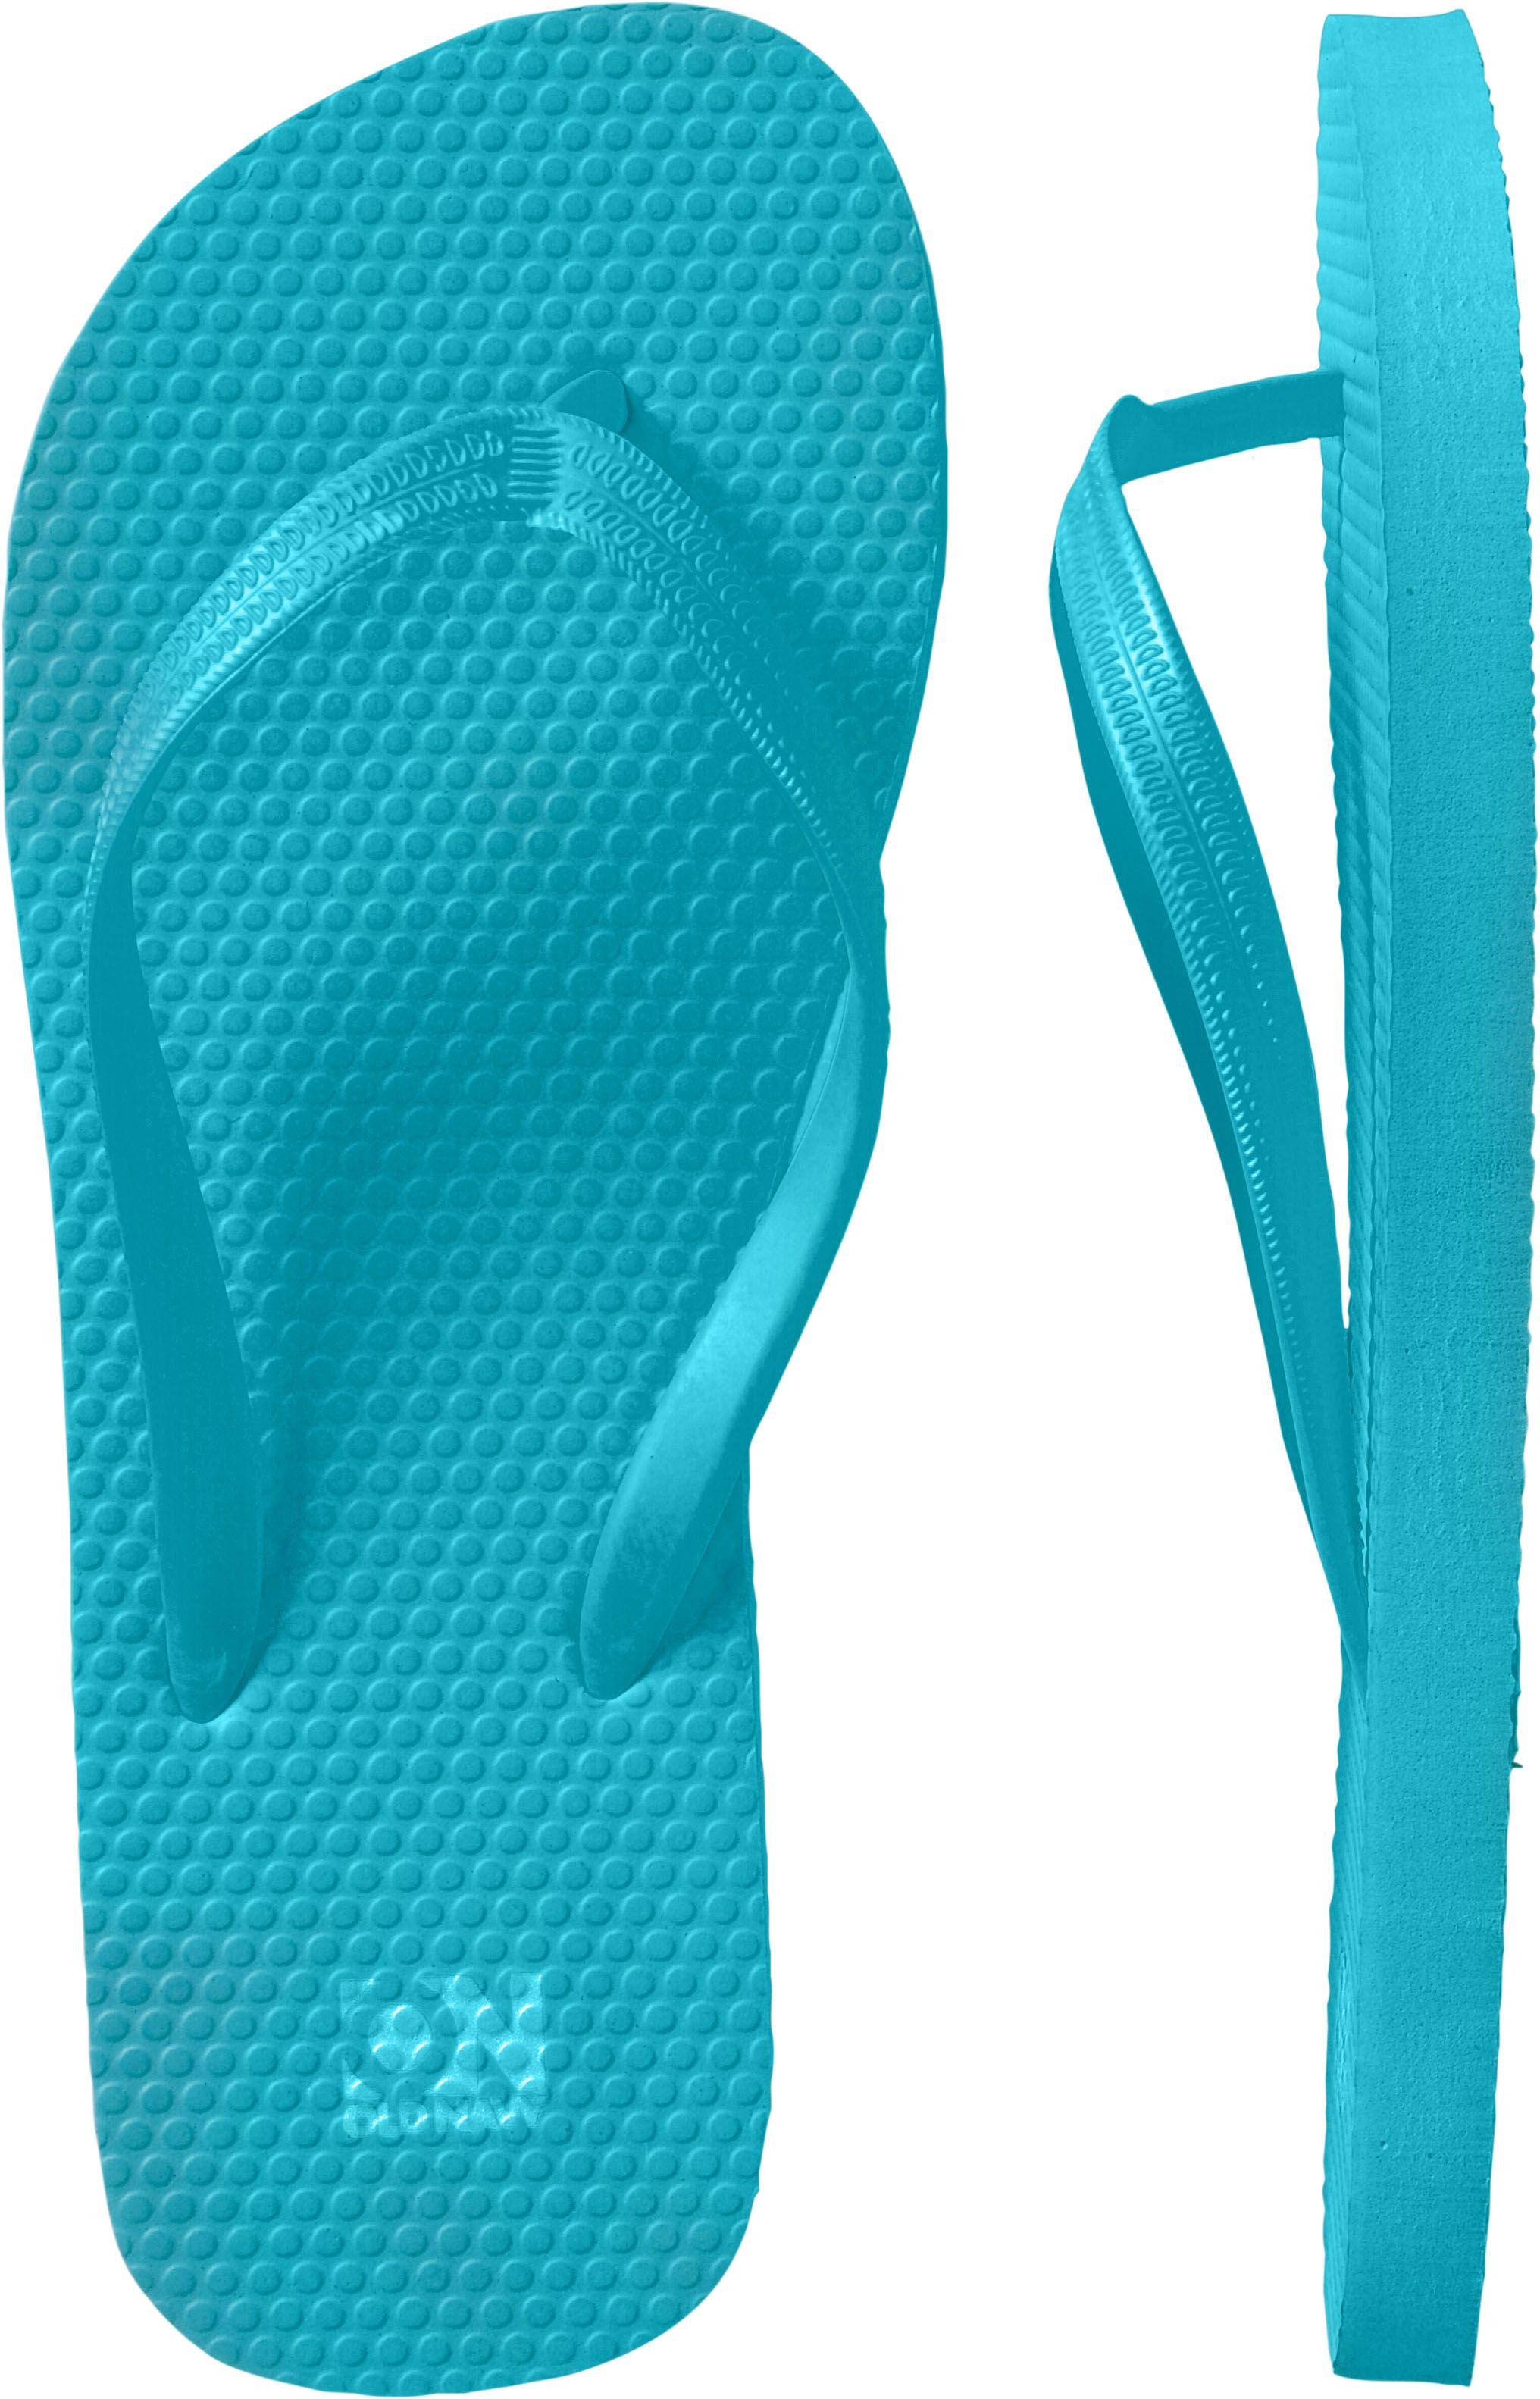 Womens sandals kmart - Womens Flip Flops Kmart